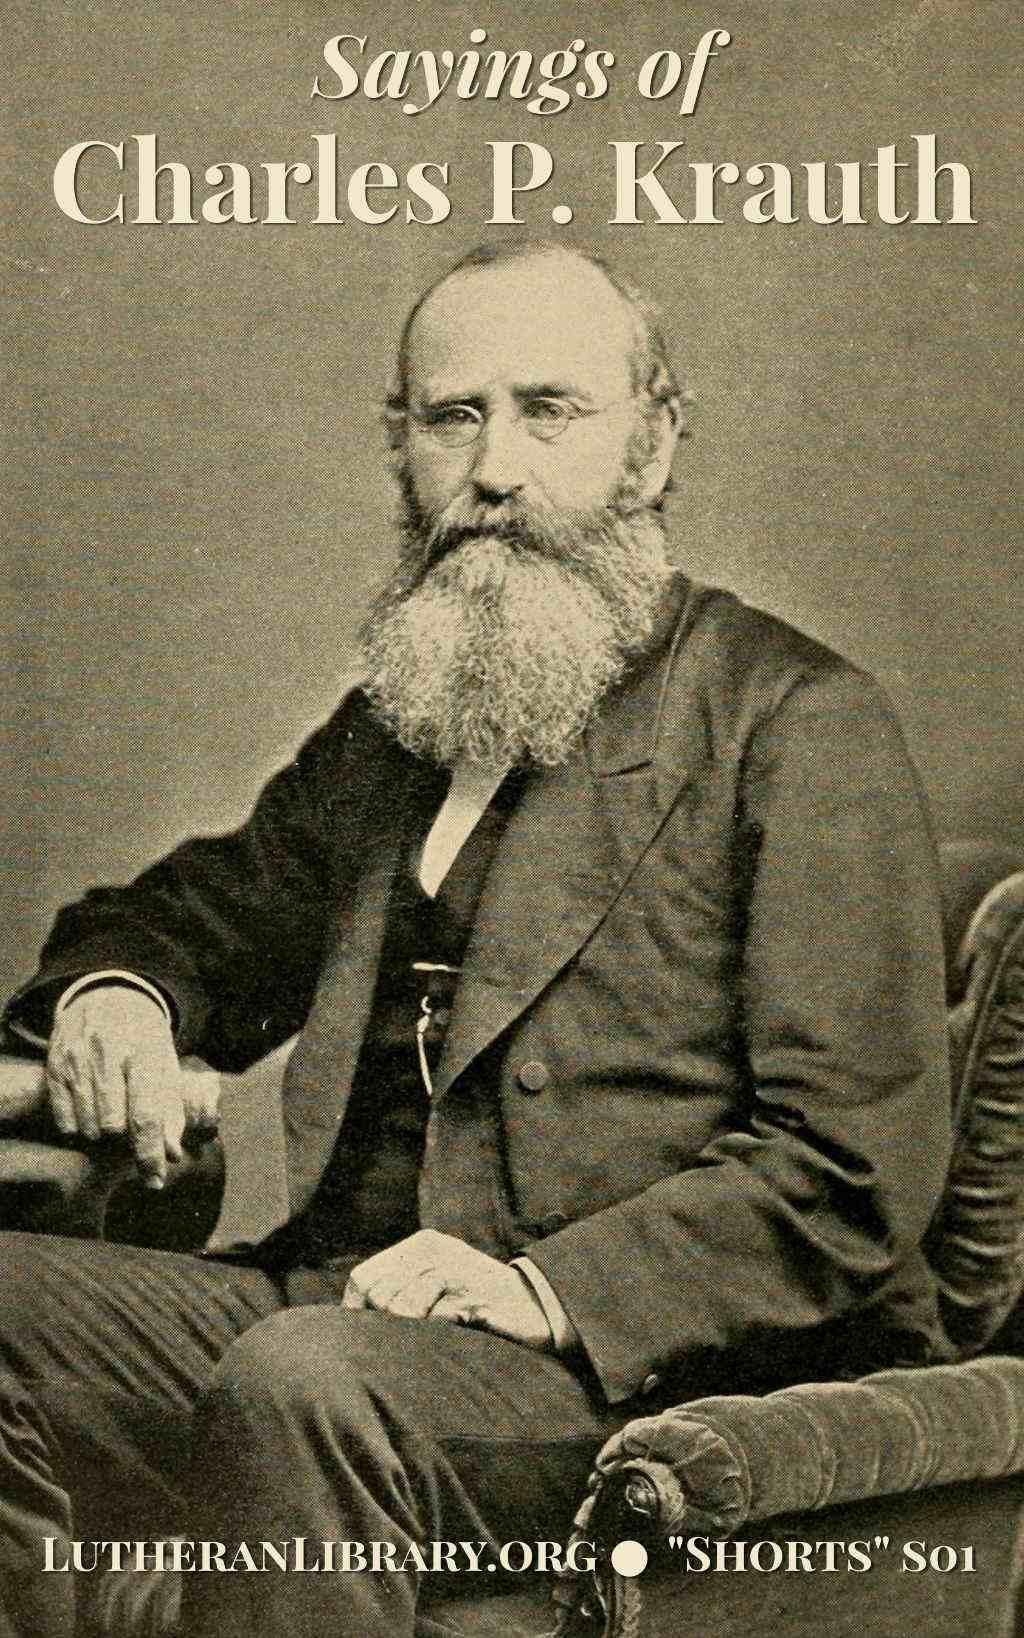 Sayings of Charles Porterfield Krauth